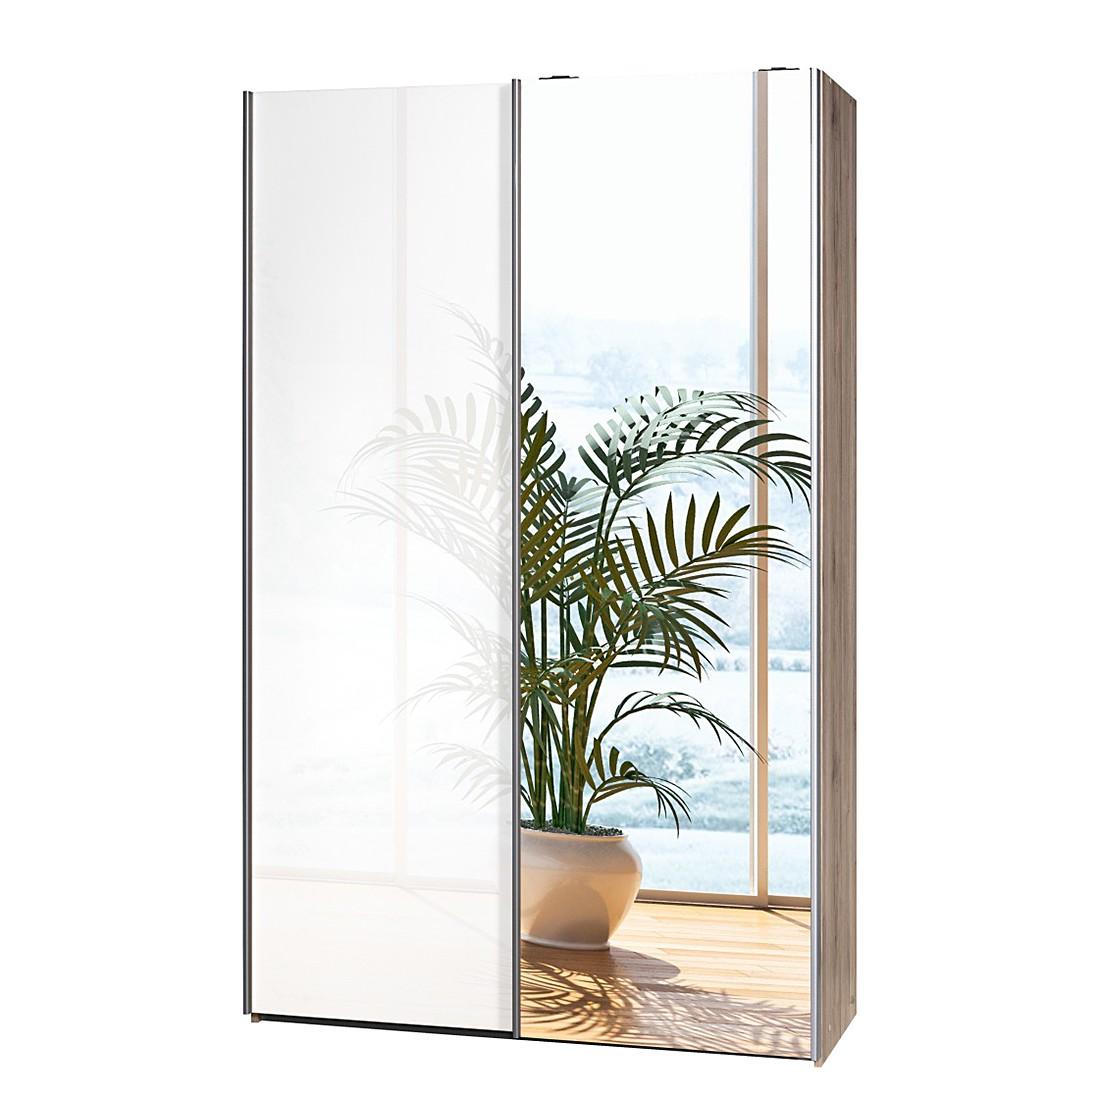 schwebet renschrank soft smart 120 cm eiche sanremo dekor hochglanz wei 1 spiegelt r. Black Bedroom Furniture Sets. Home Design Ideas